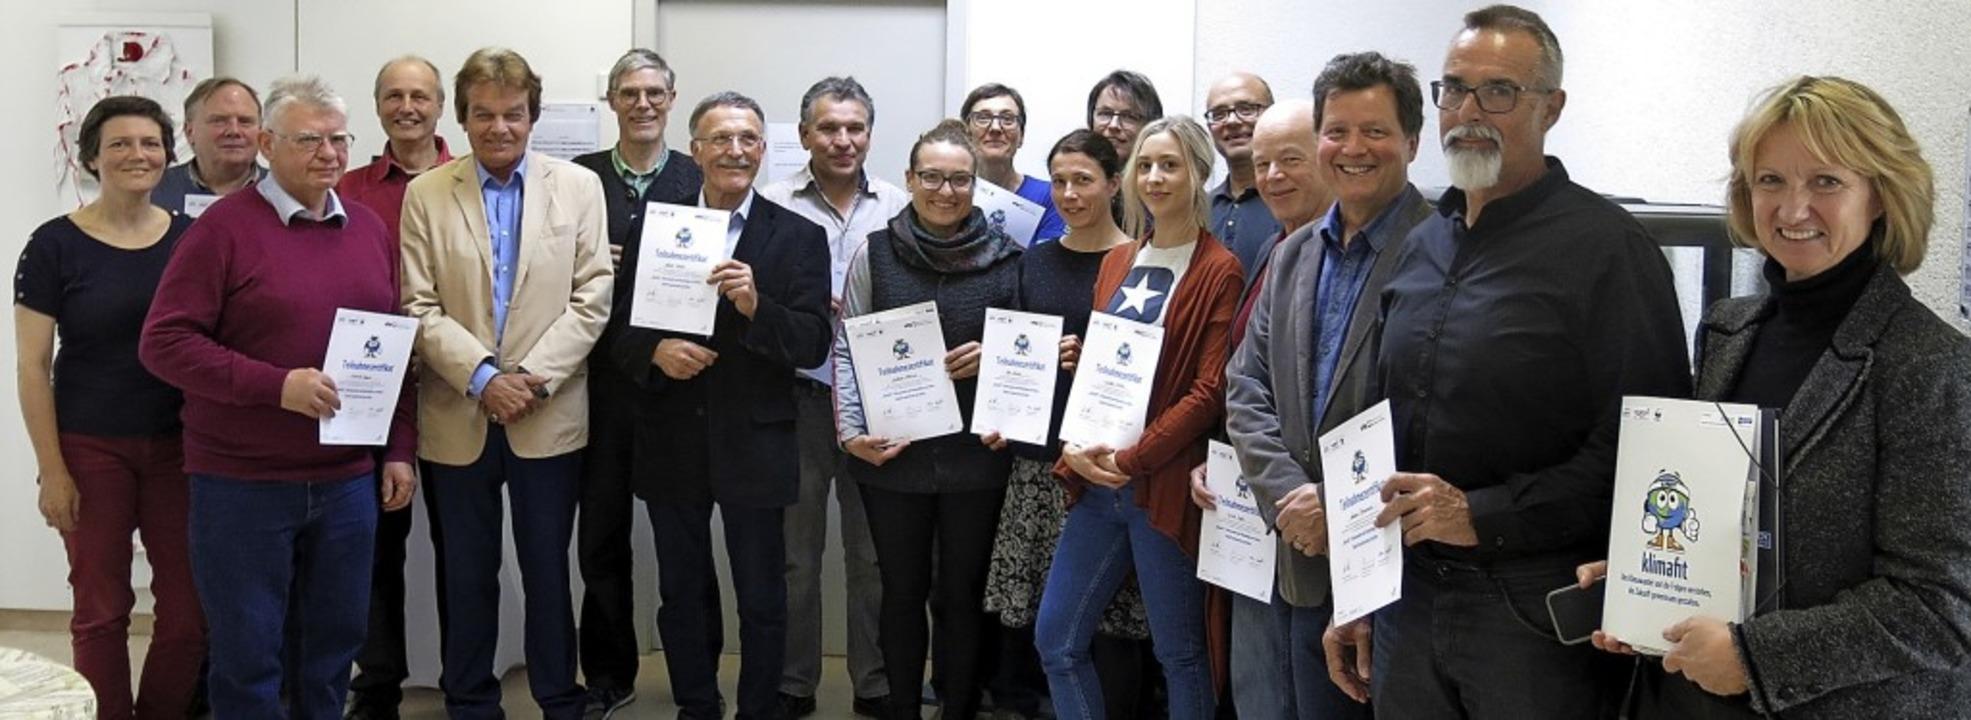 """Zertifikatsverleihung der Multiplikatoren-Ausbildung """"Klimafit""""    Foto: Georg Voß"""